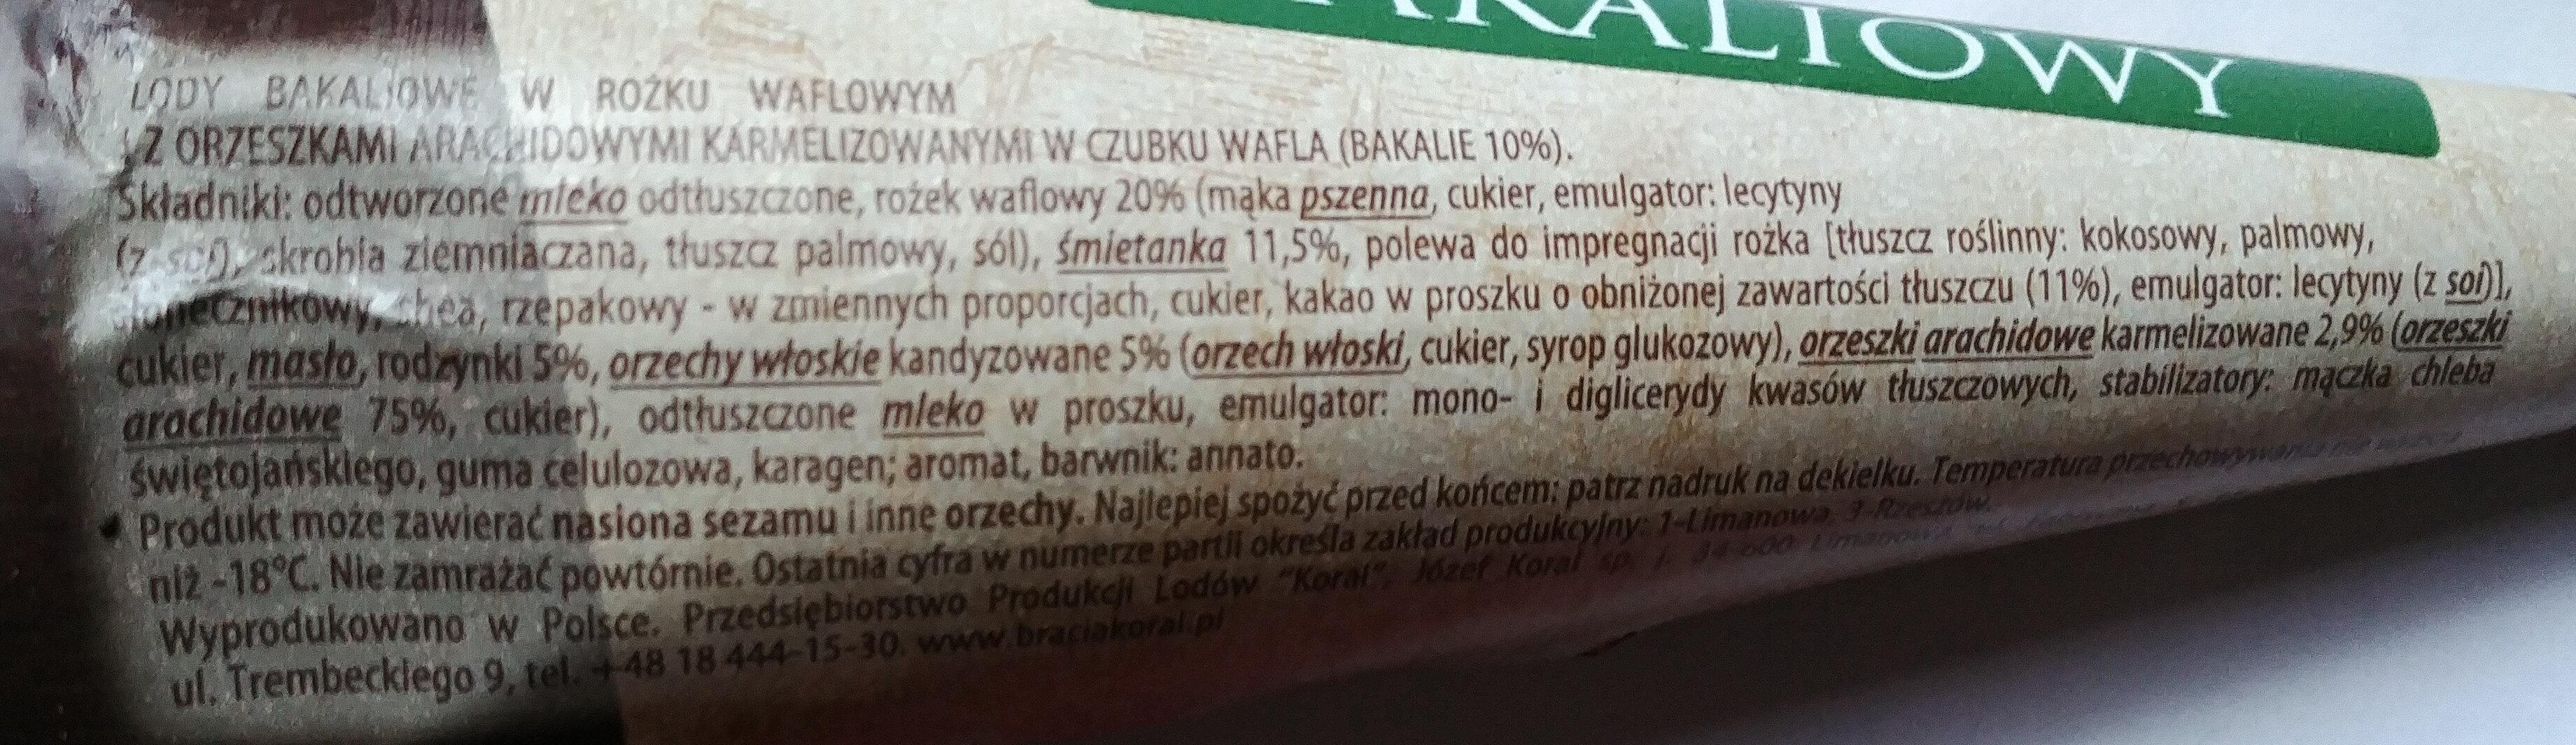 Lody bakaliowe w rożku waflowym i orzechami arachidowymi karmelizowanymi w czubku wafla - Składniki - pl